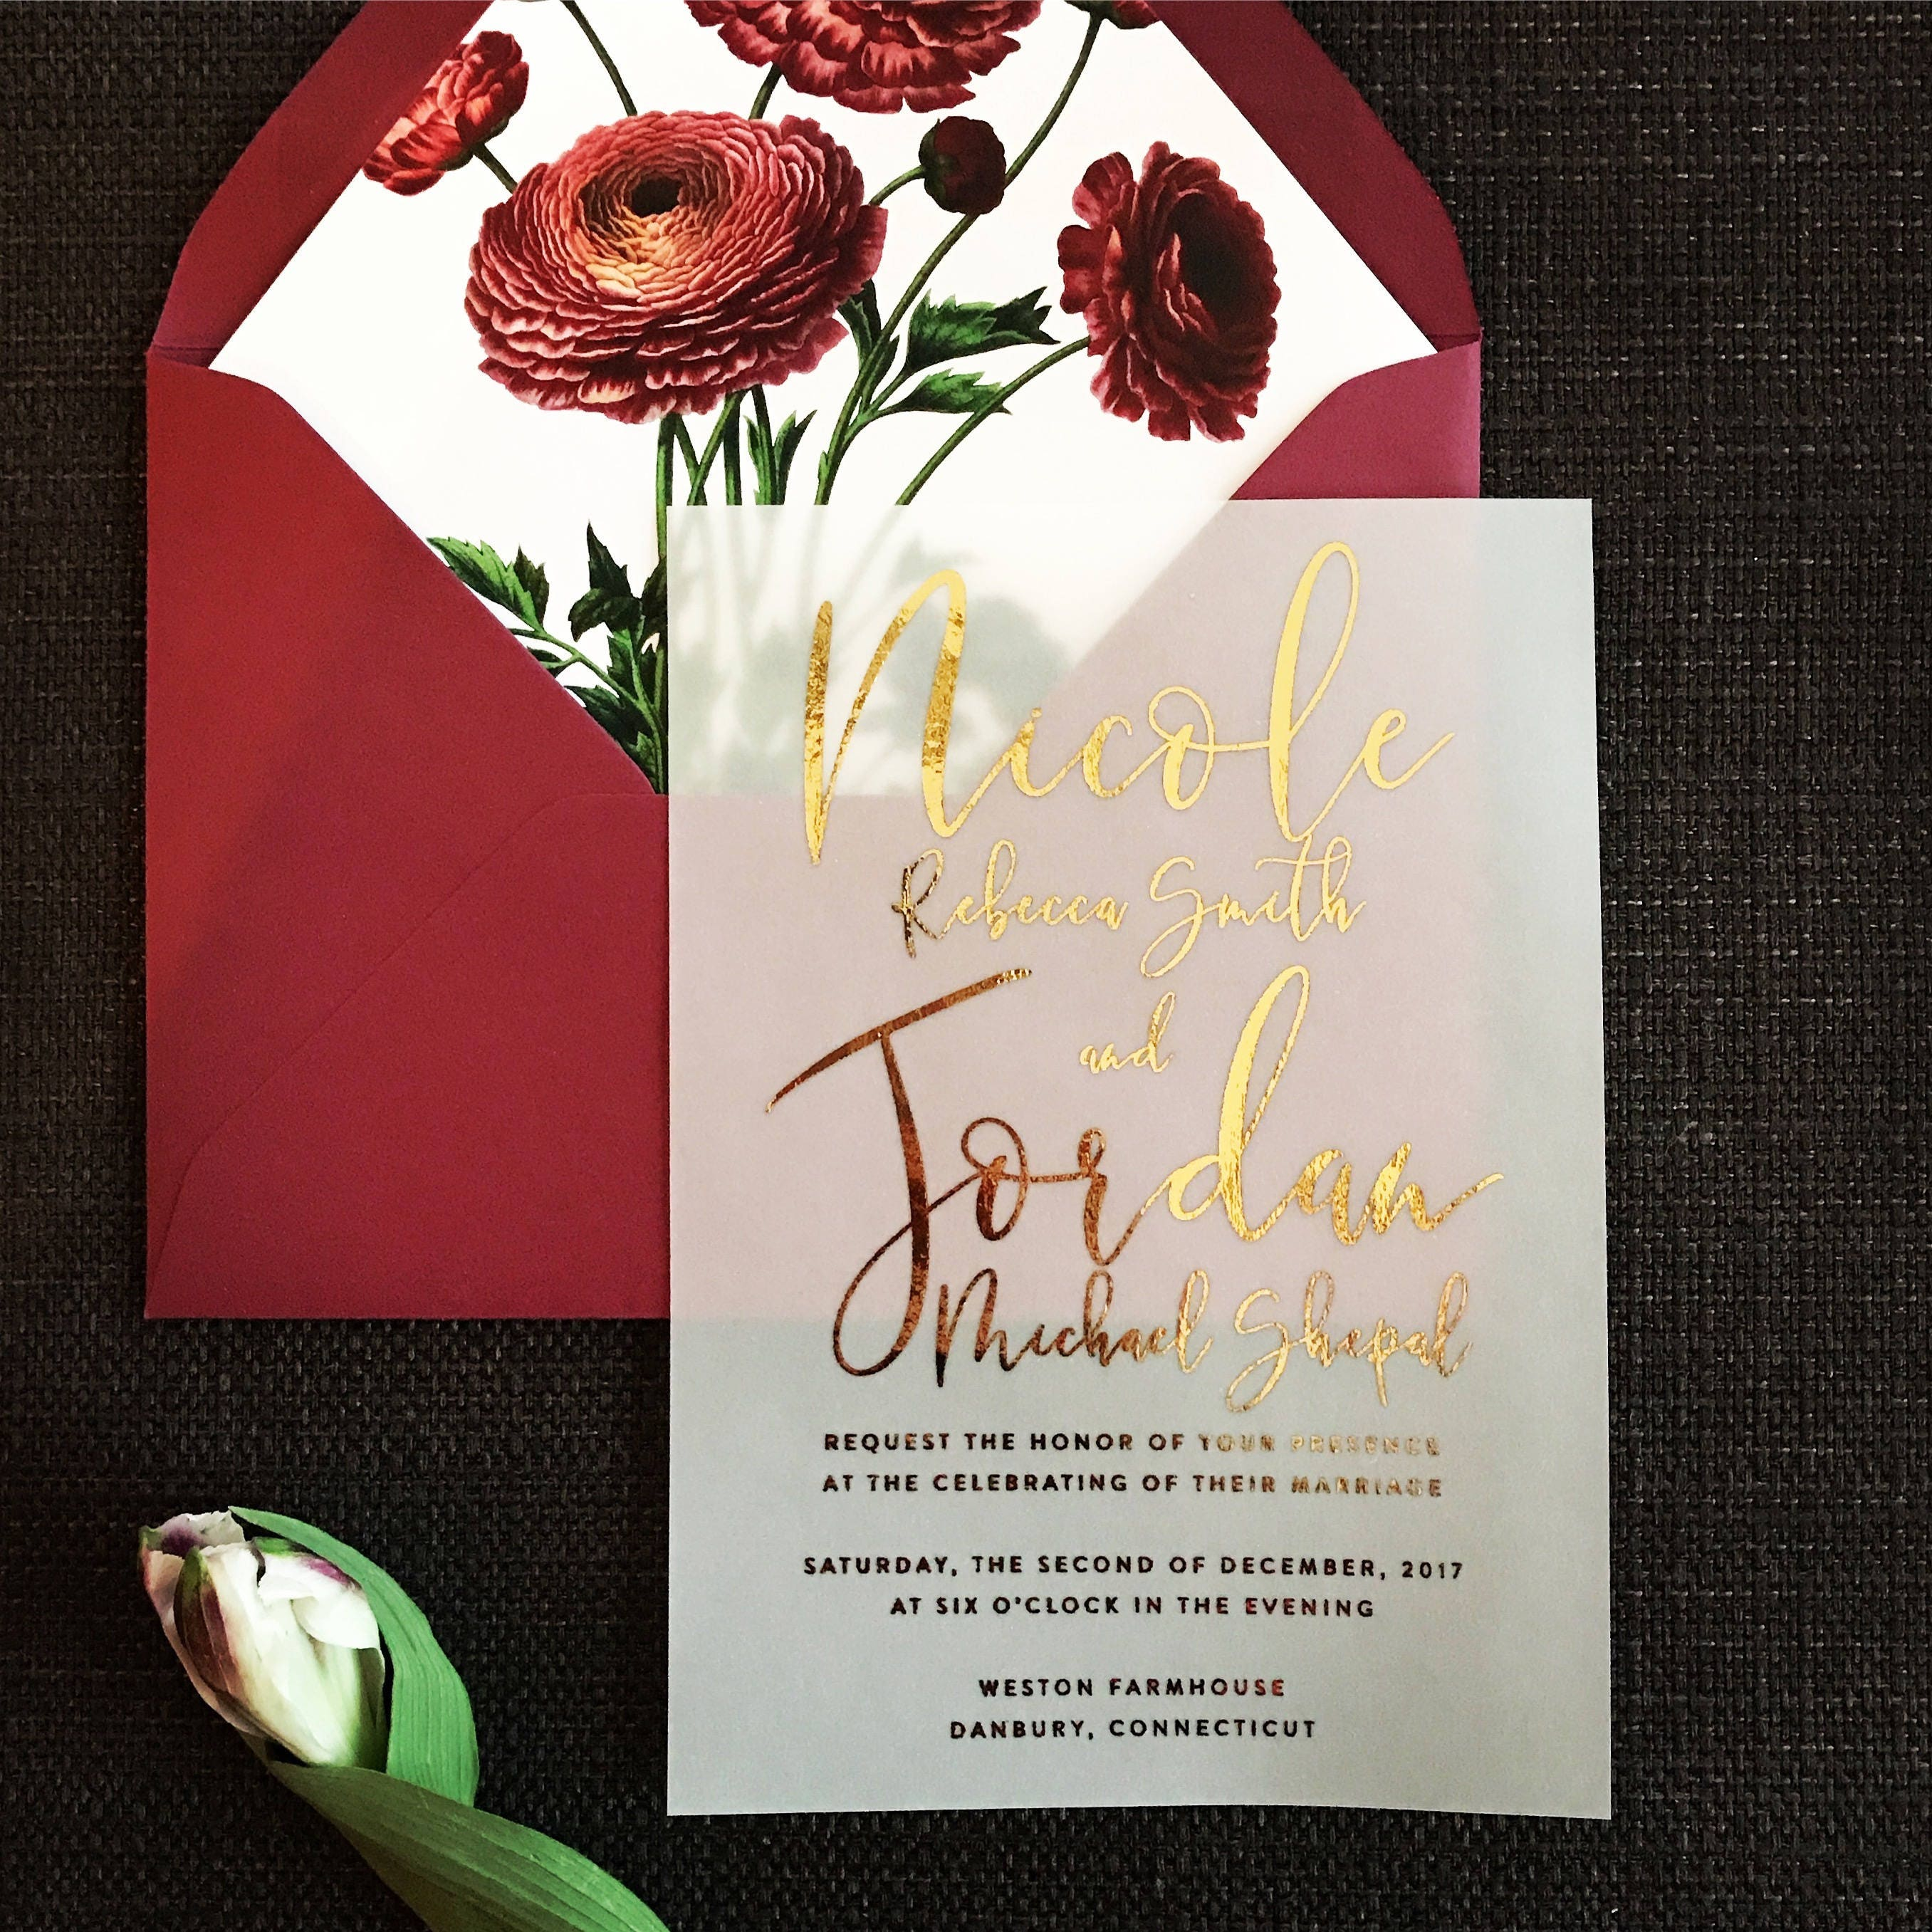 Nicole Invitation Suite // Translucent Vellum with Gold Foil | Etsy